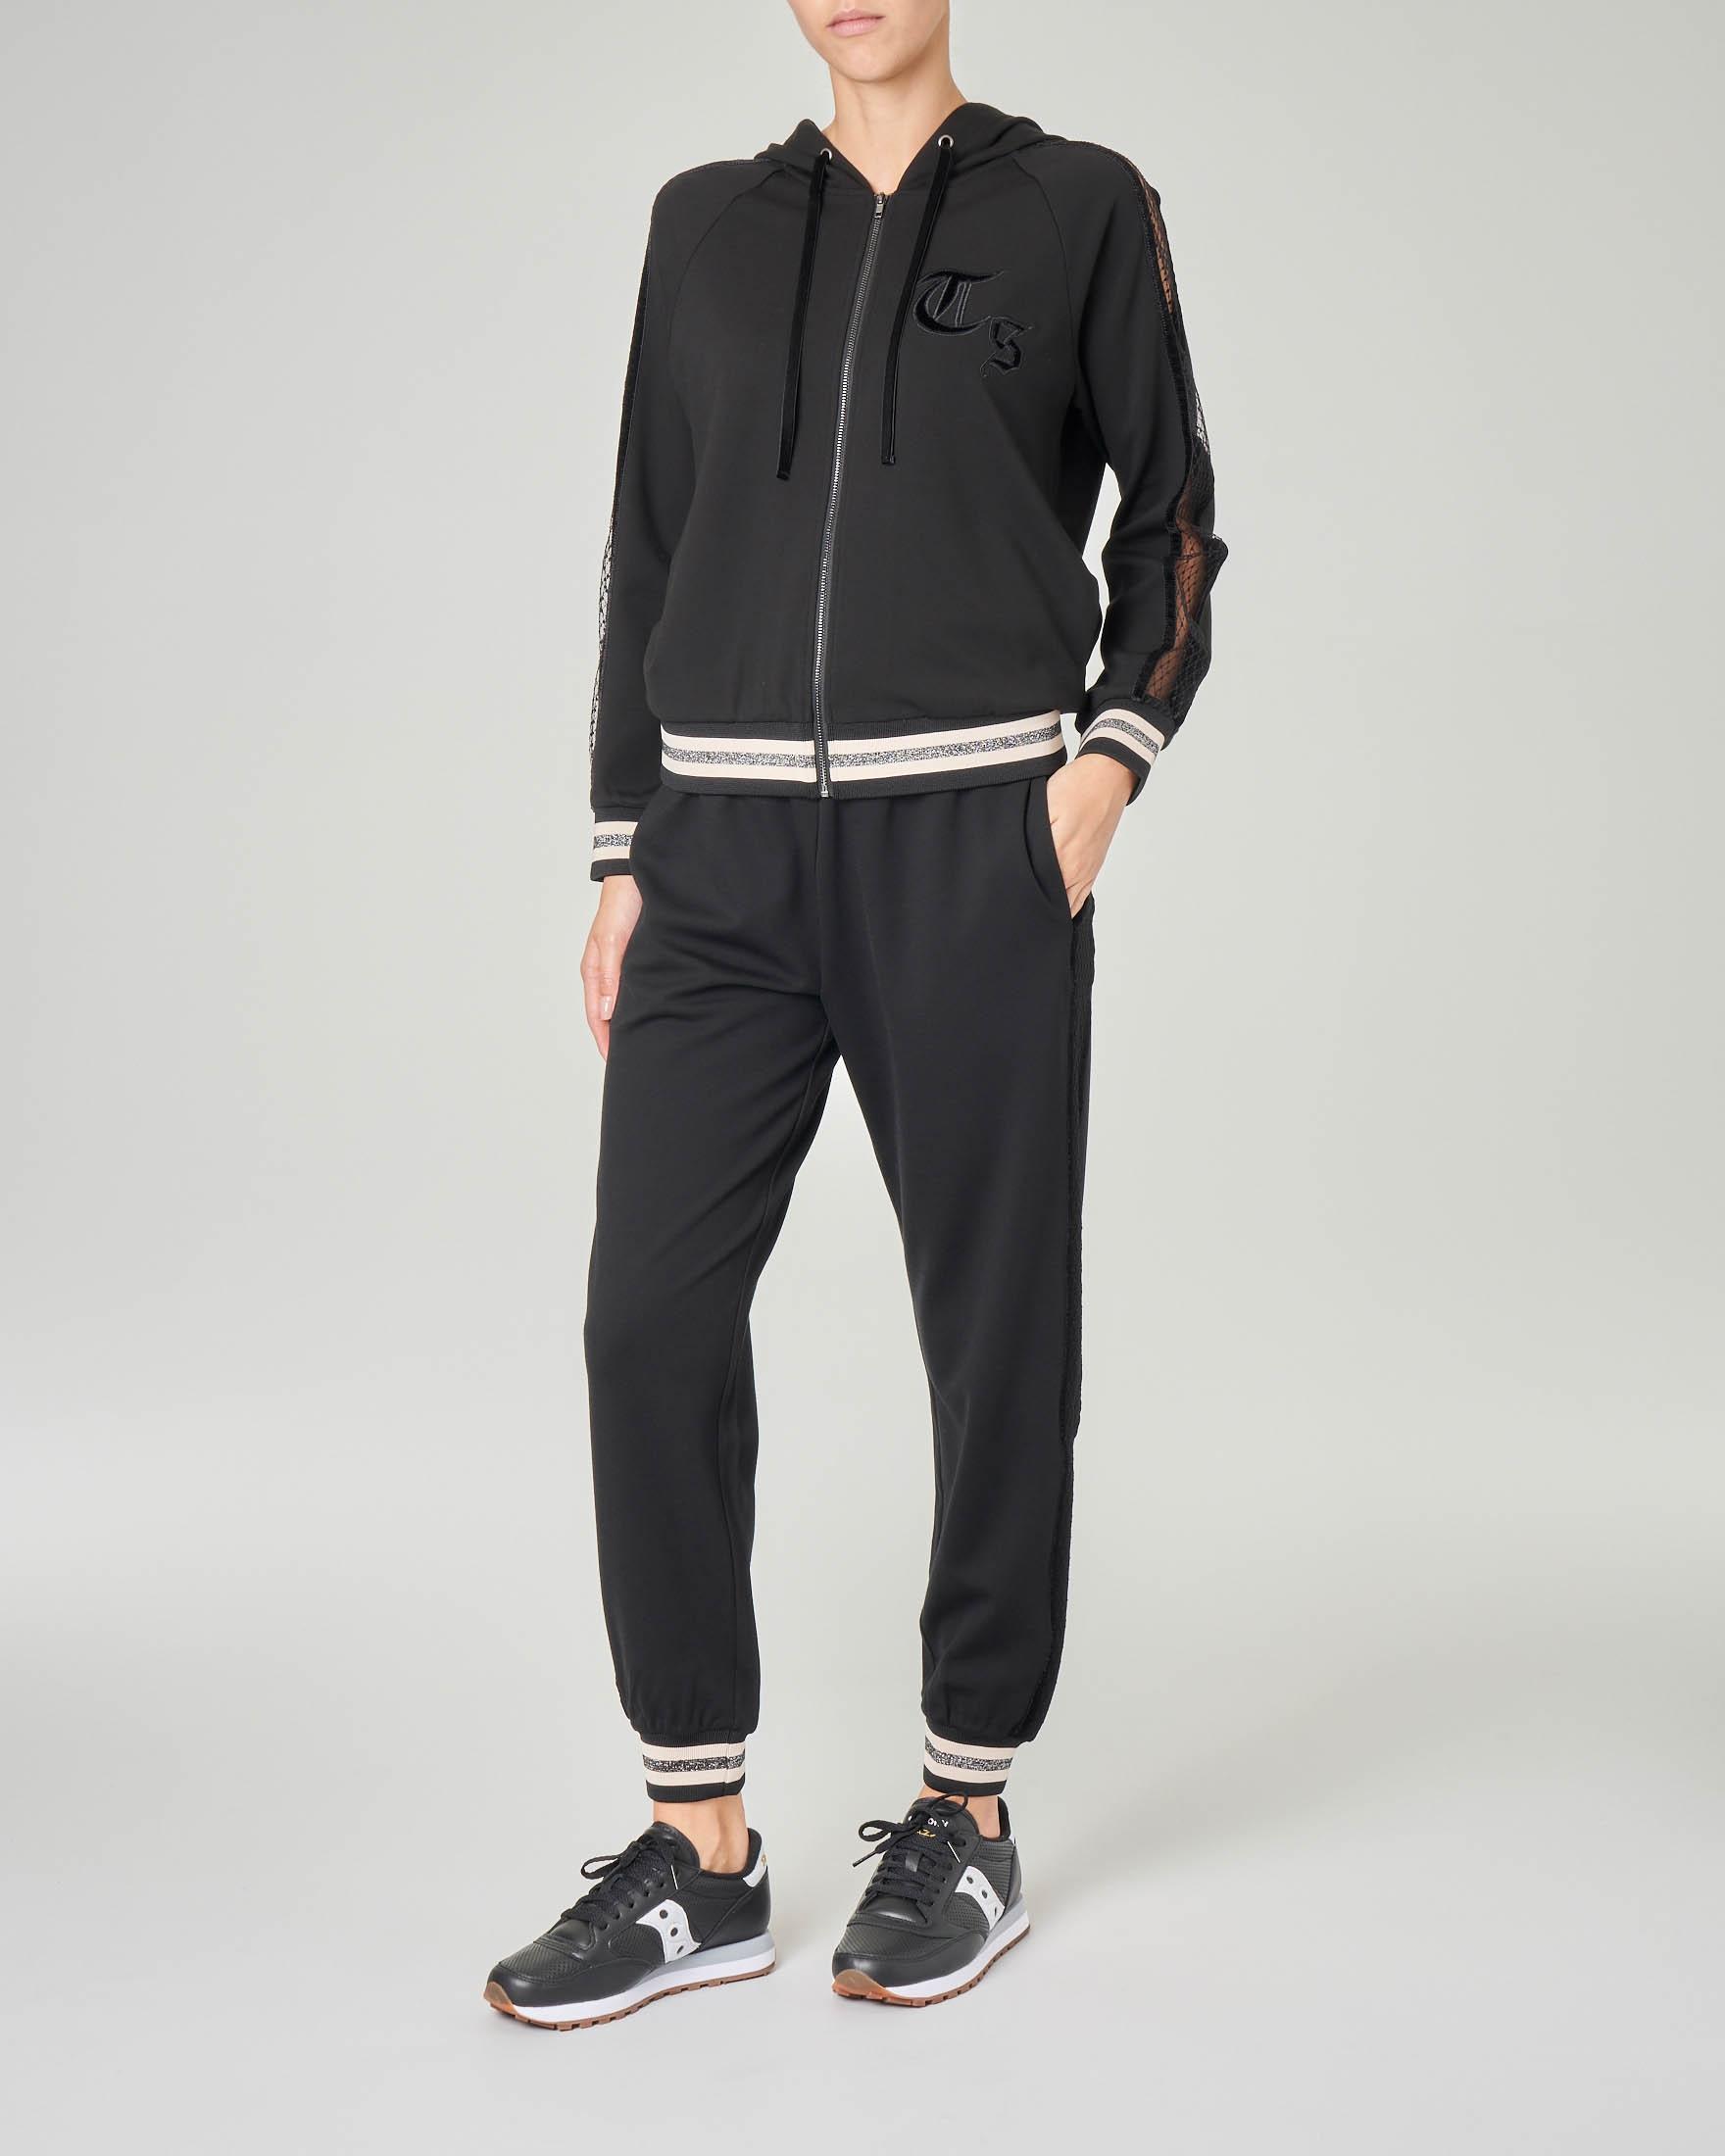 Pantaloni joggers neri in viscosa inserti in rete lungo le gambe